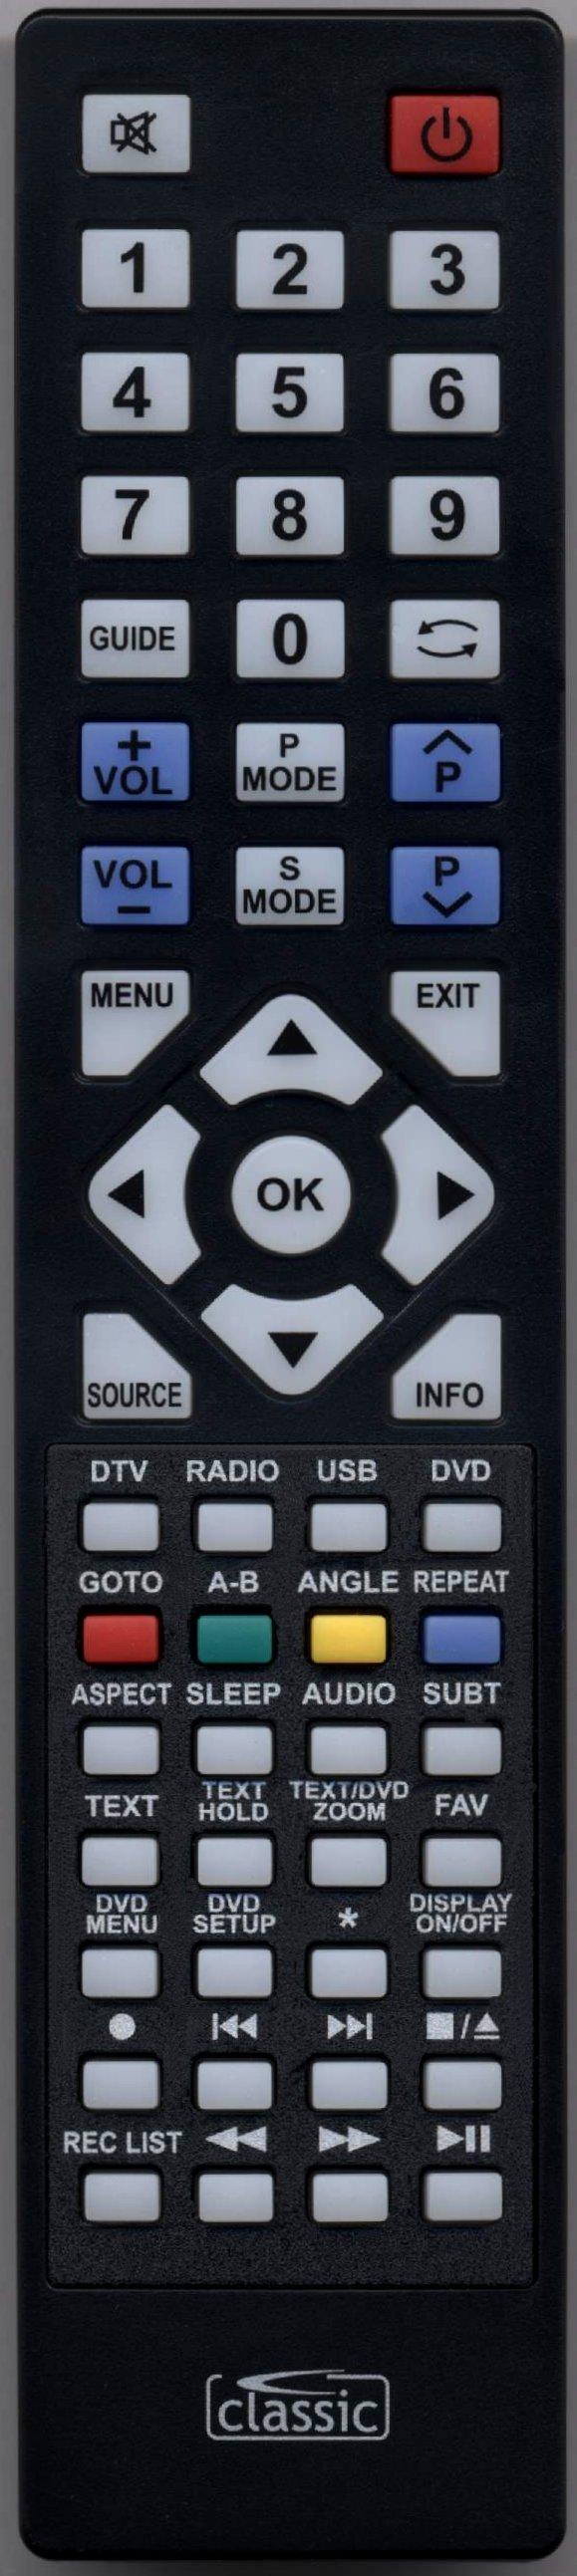 Blaupunkt 186/2071-gb-3b-hkdups-uk Remote Control